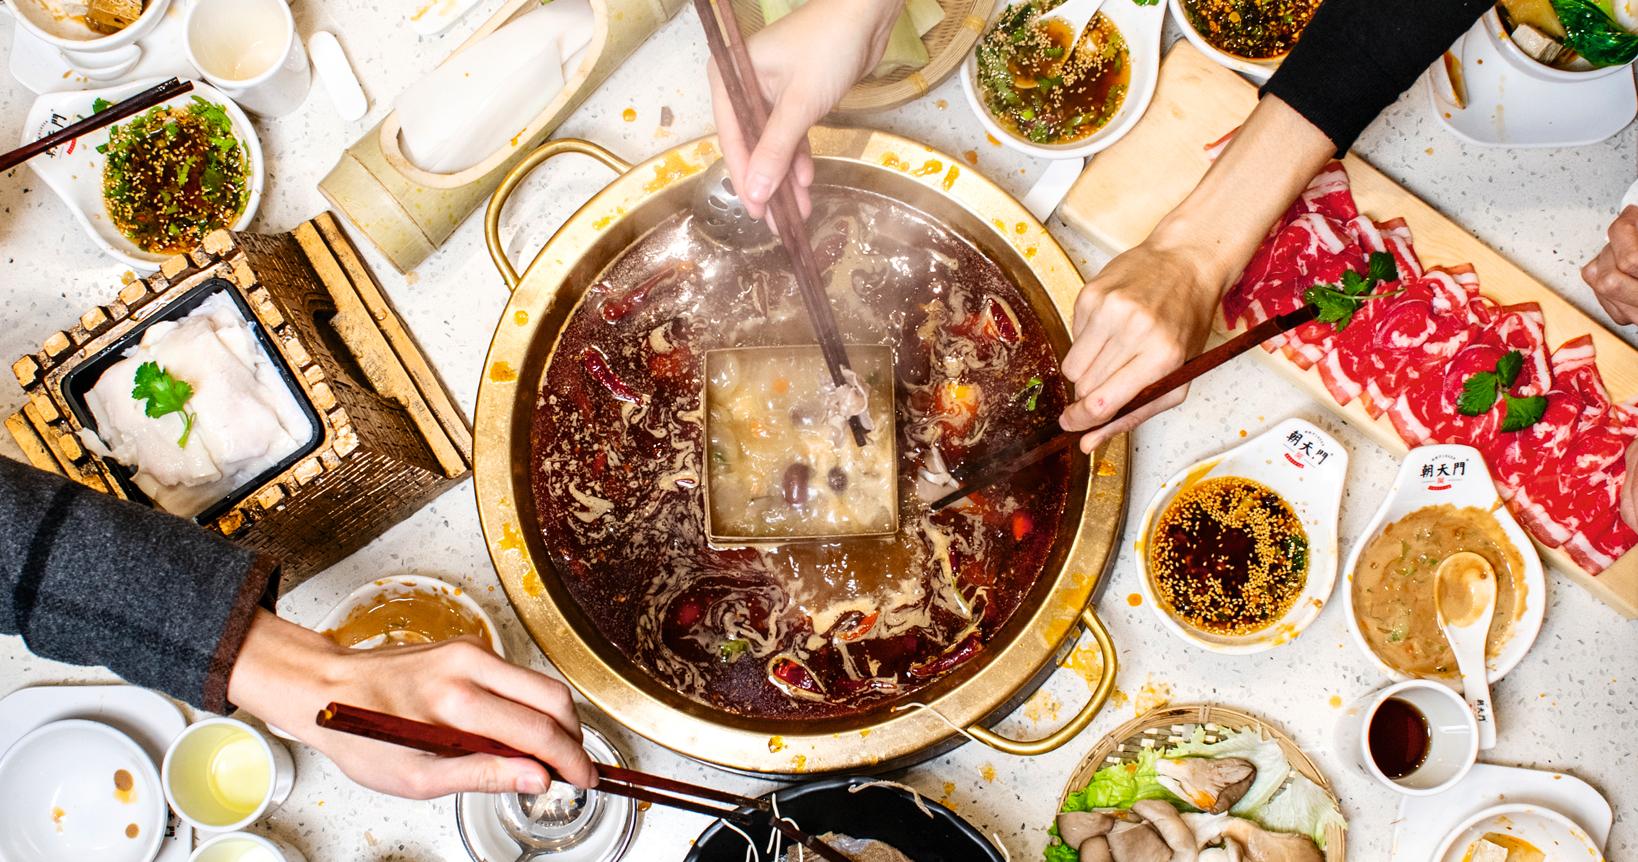 Los mejores restaurantes para celebrar el Nuevo Año Chino